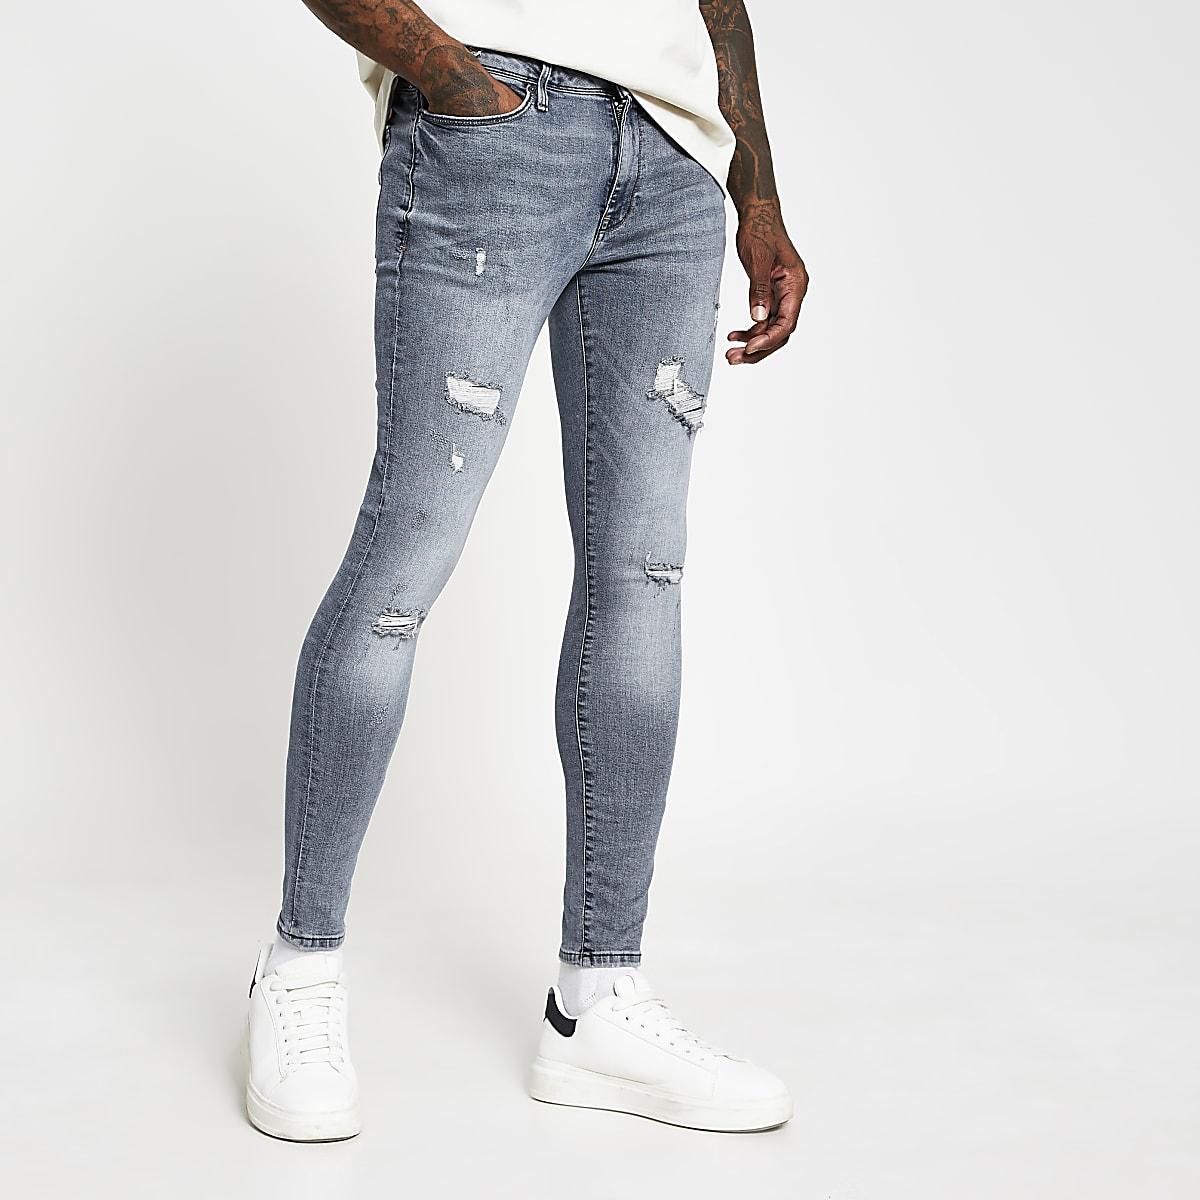 Ollie - Blauwe spray-on distressed skinny jeans